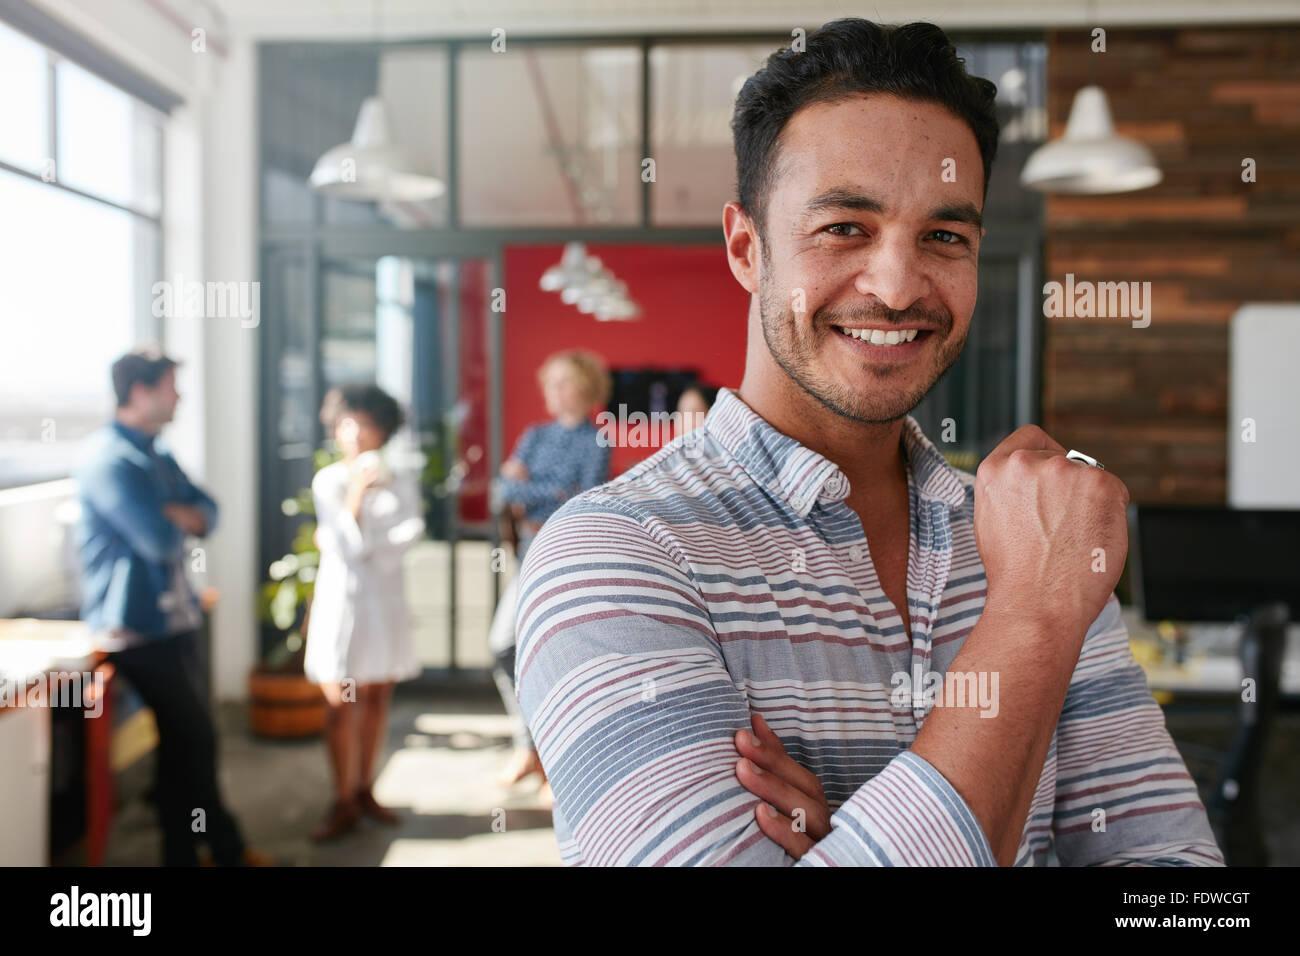 Ritratto di smart creative professional guardando la fotocamera e sorridente. Felice uomo caucasico in piedi in Immagini Stock